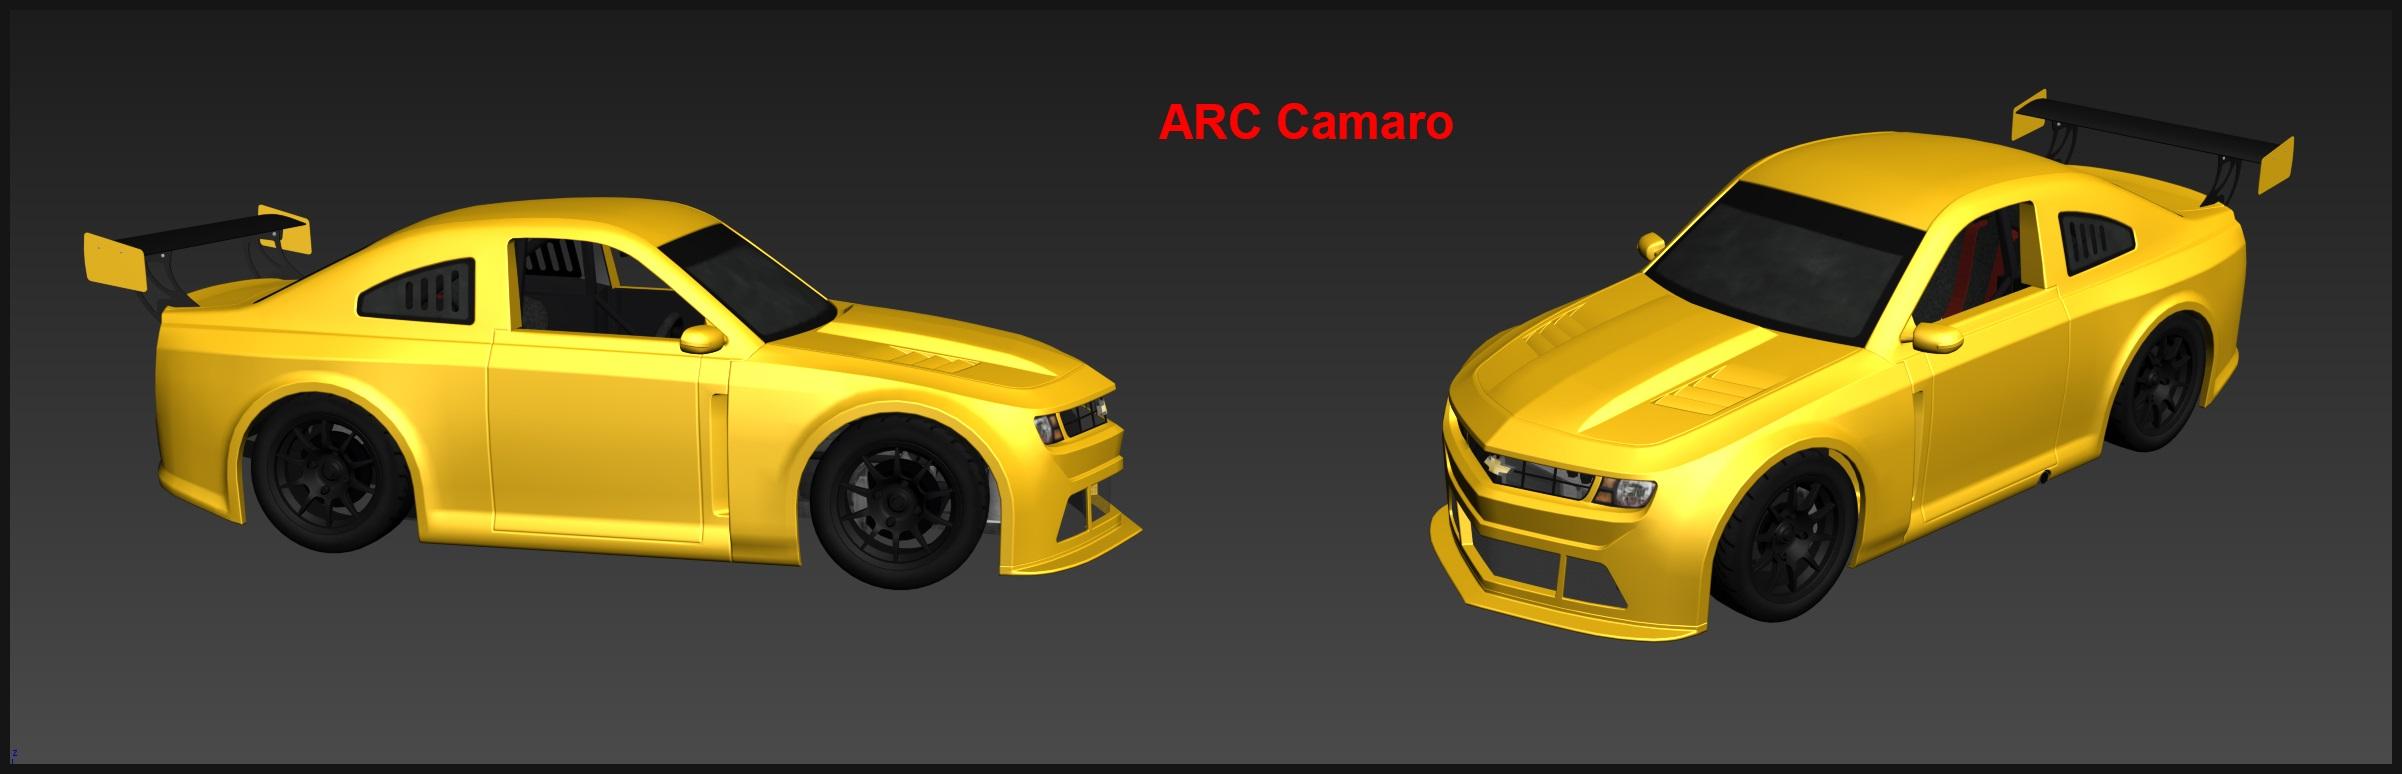 ARC_Camaro_Ingame.jpg